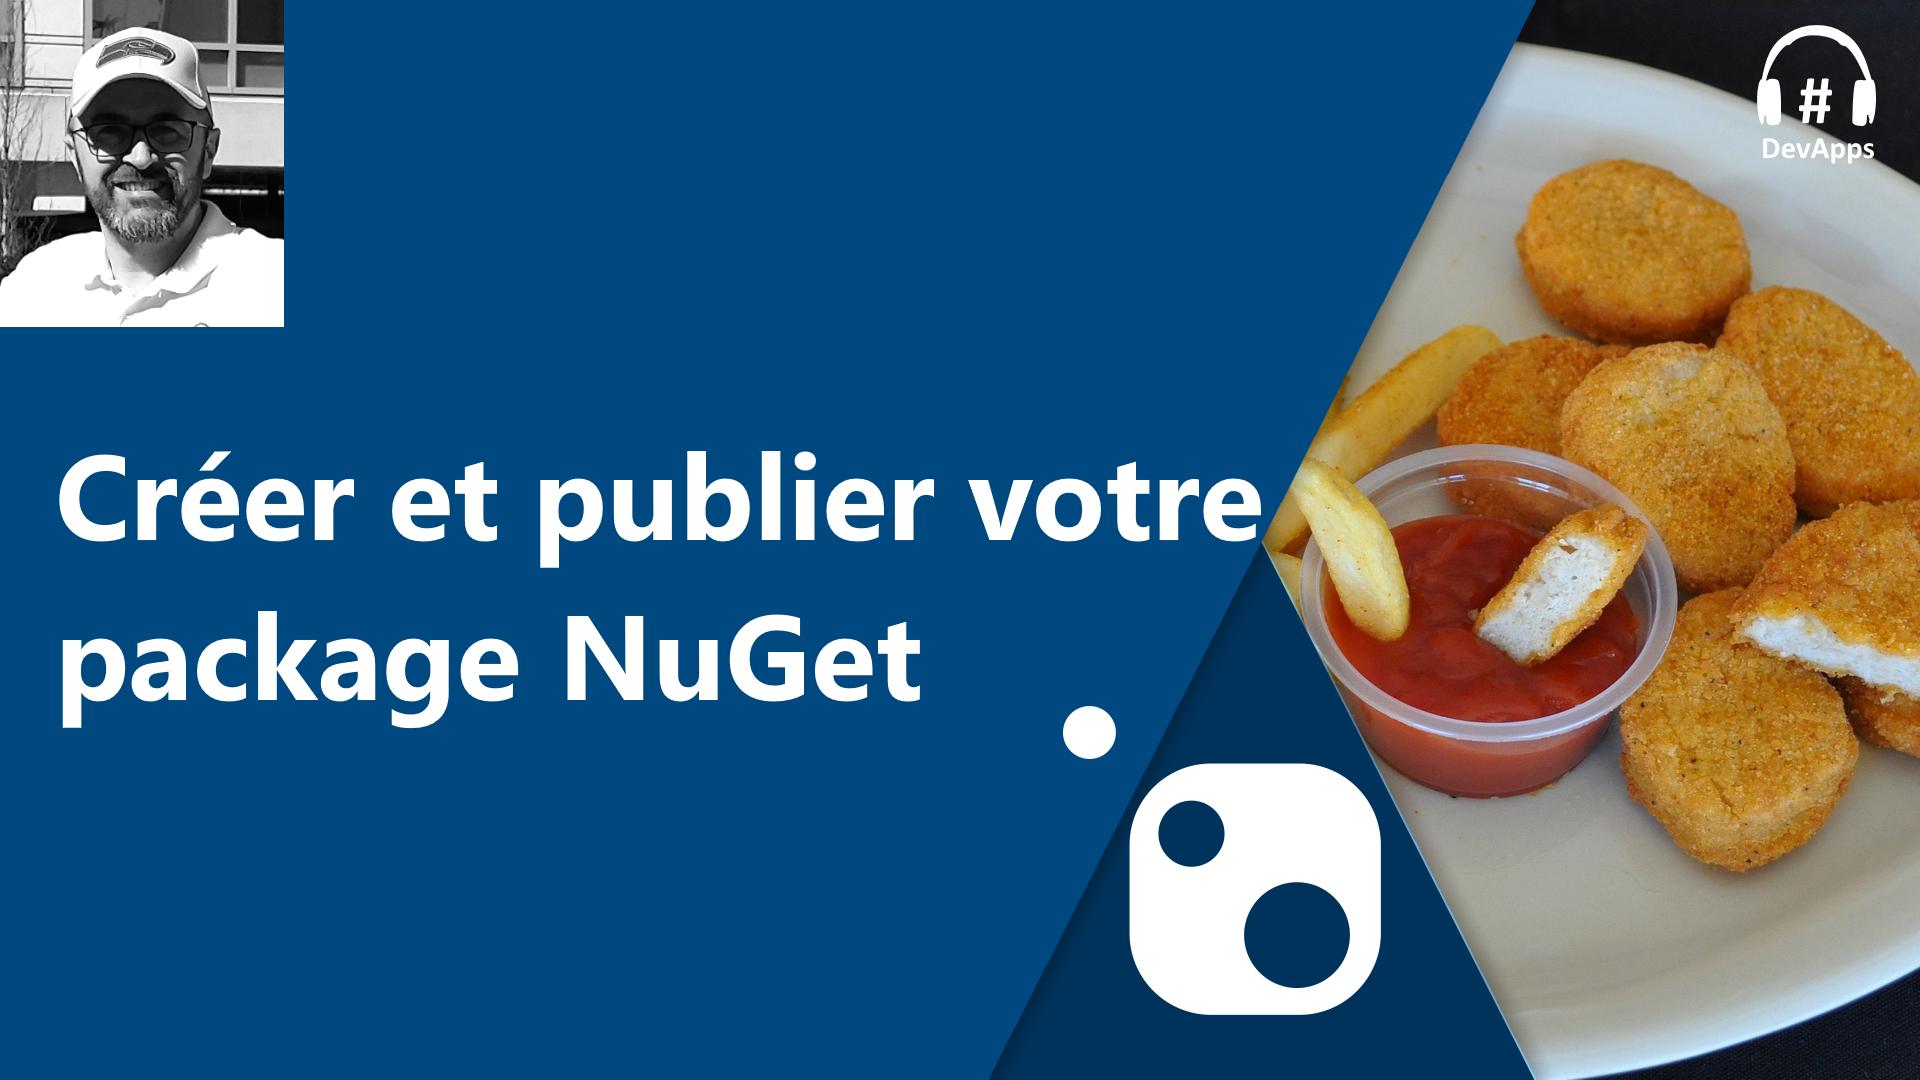 Créer et plublier un package NuGet